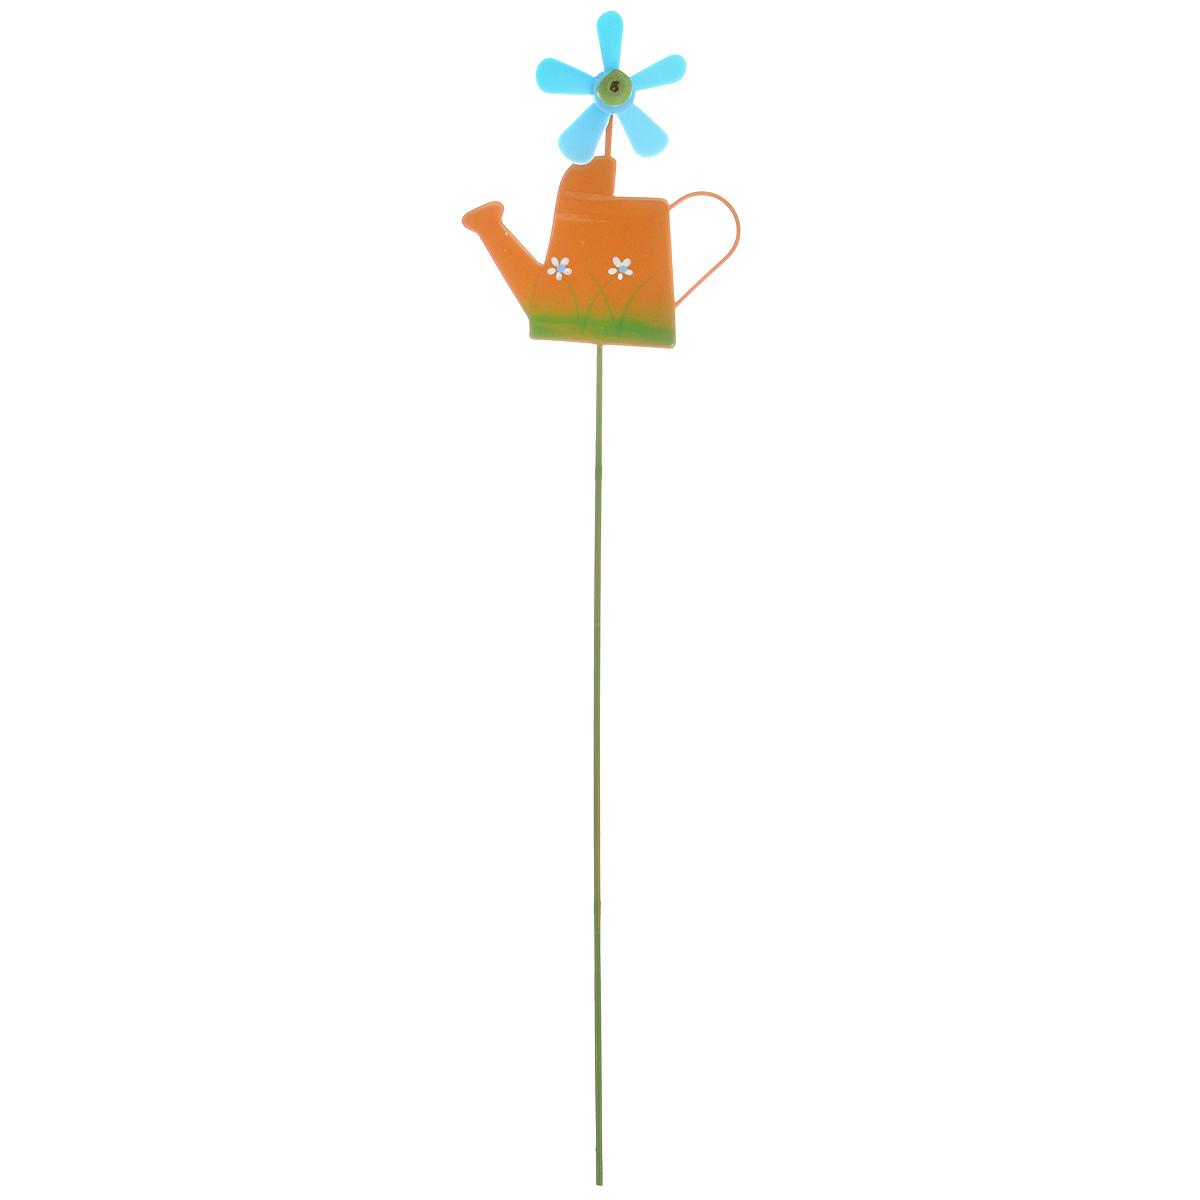 Украшение на ножке Village People Лейка с флюгером, цвет: оранжевый, высота 27 см2044905Украшение на ножке Village People Лейка с флюгером поможет вам дополнить экстерьер красивой и яркой деталью. Такое украшение очень просто вставляется в землю с помощью длинной ножки, оно отлично переносит любые погодные условия и прослужит долгое время. Идеально подходит для декорирования садового участка, грядок, клумб, домашних цветов в горшках, а также для поддержки и правильного роста декоративных растений.Размер декоративного элемента: 6,5 см х 7,5 см. Высота: 27 см.